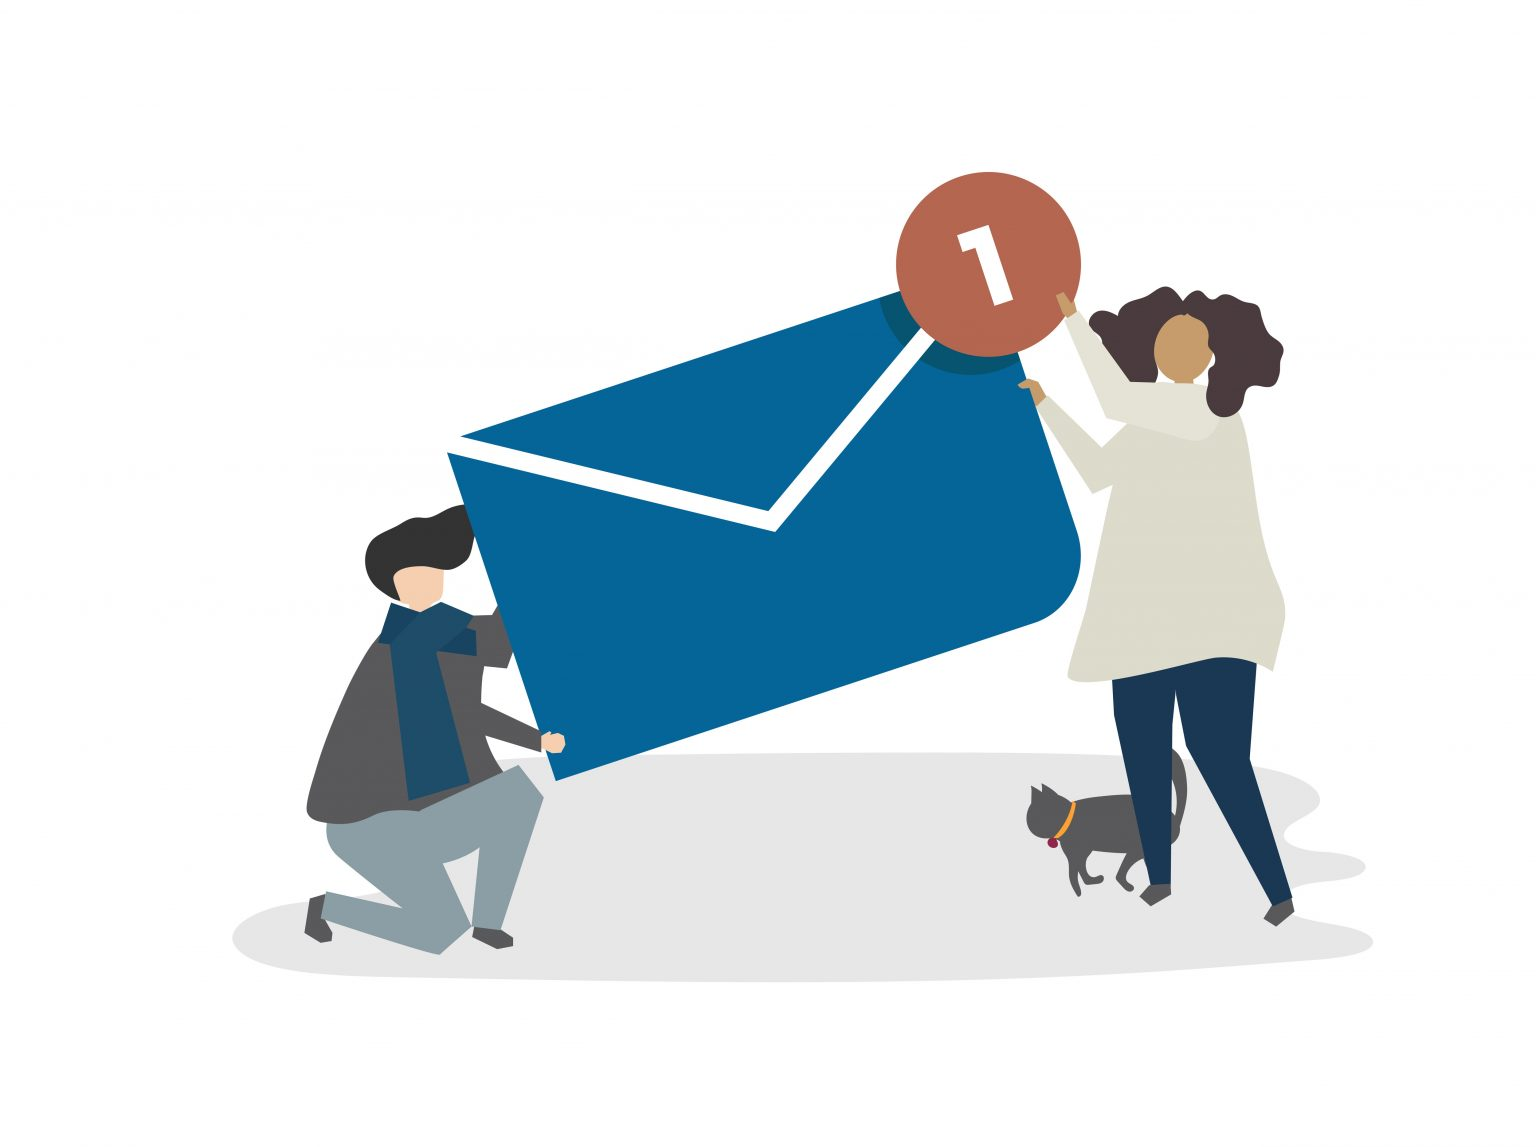 ¿Cómo le envío correos electrónicos a mis alumnos?